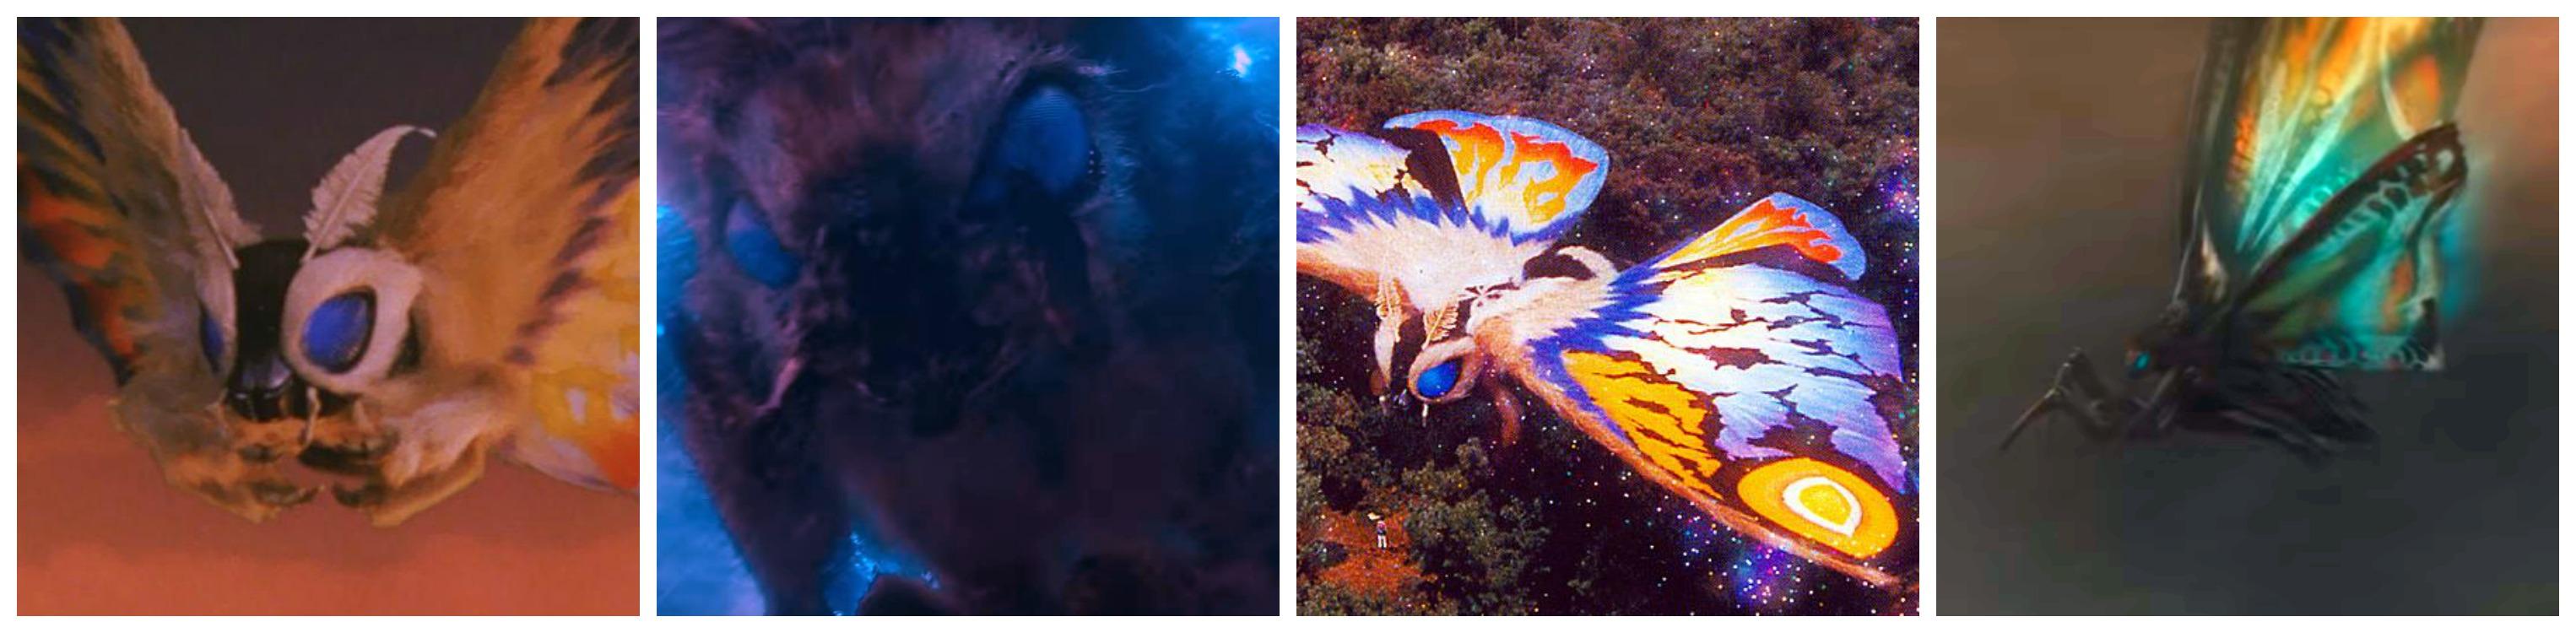 mothra comparison